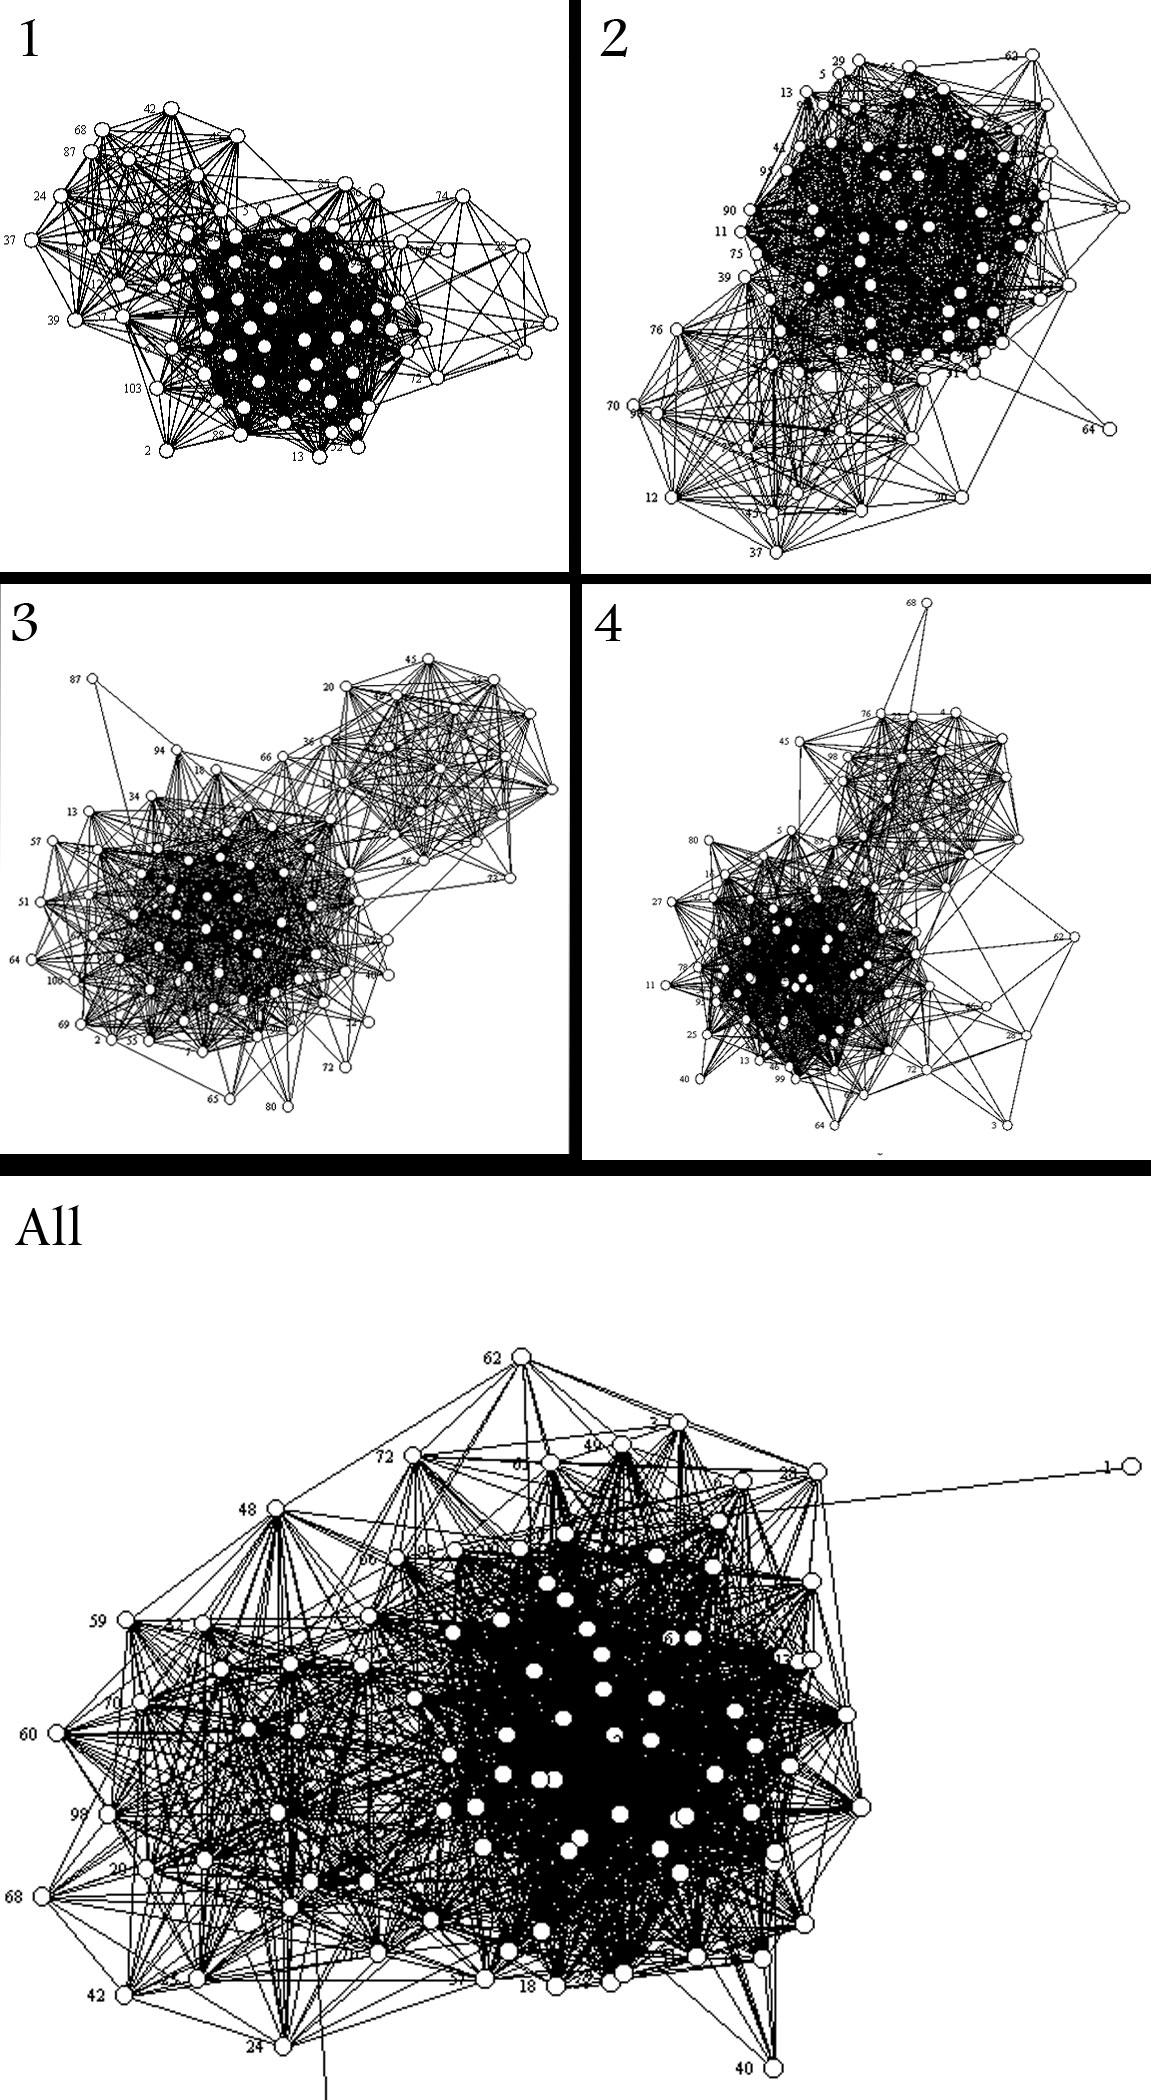 mit-graph